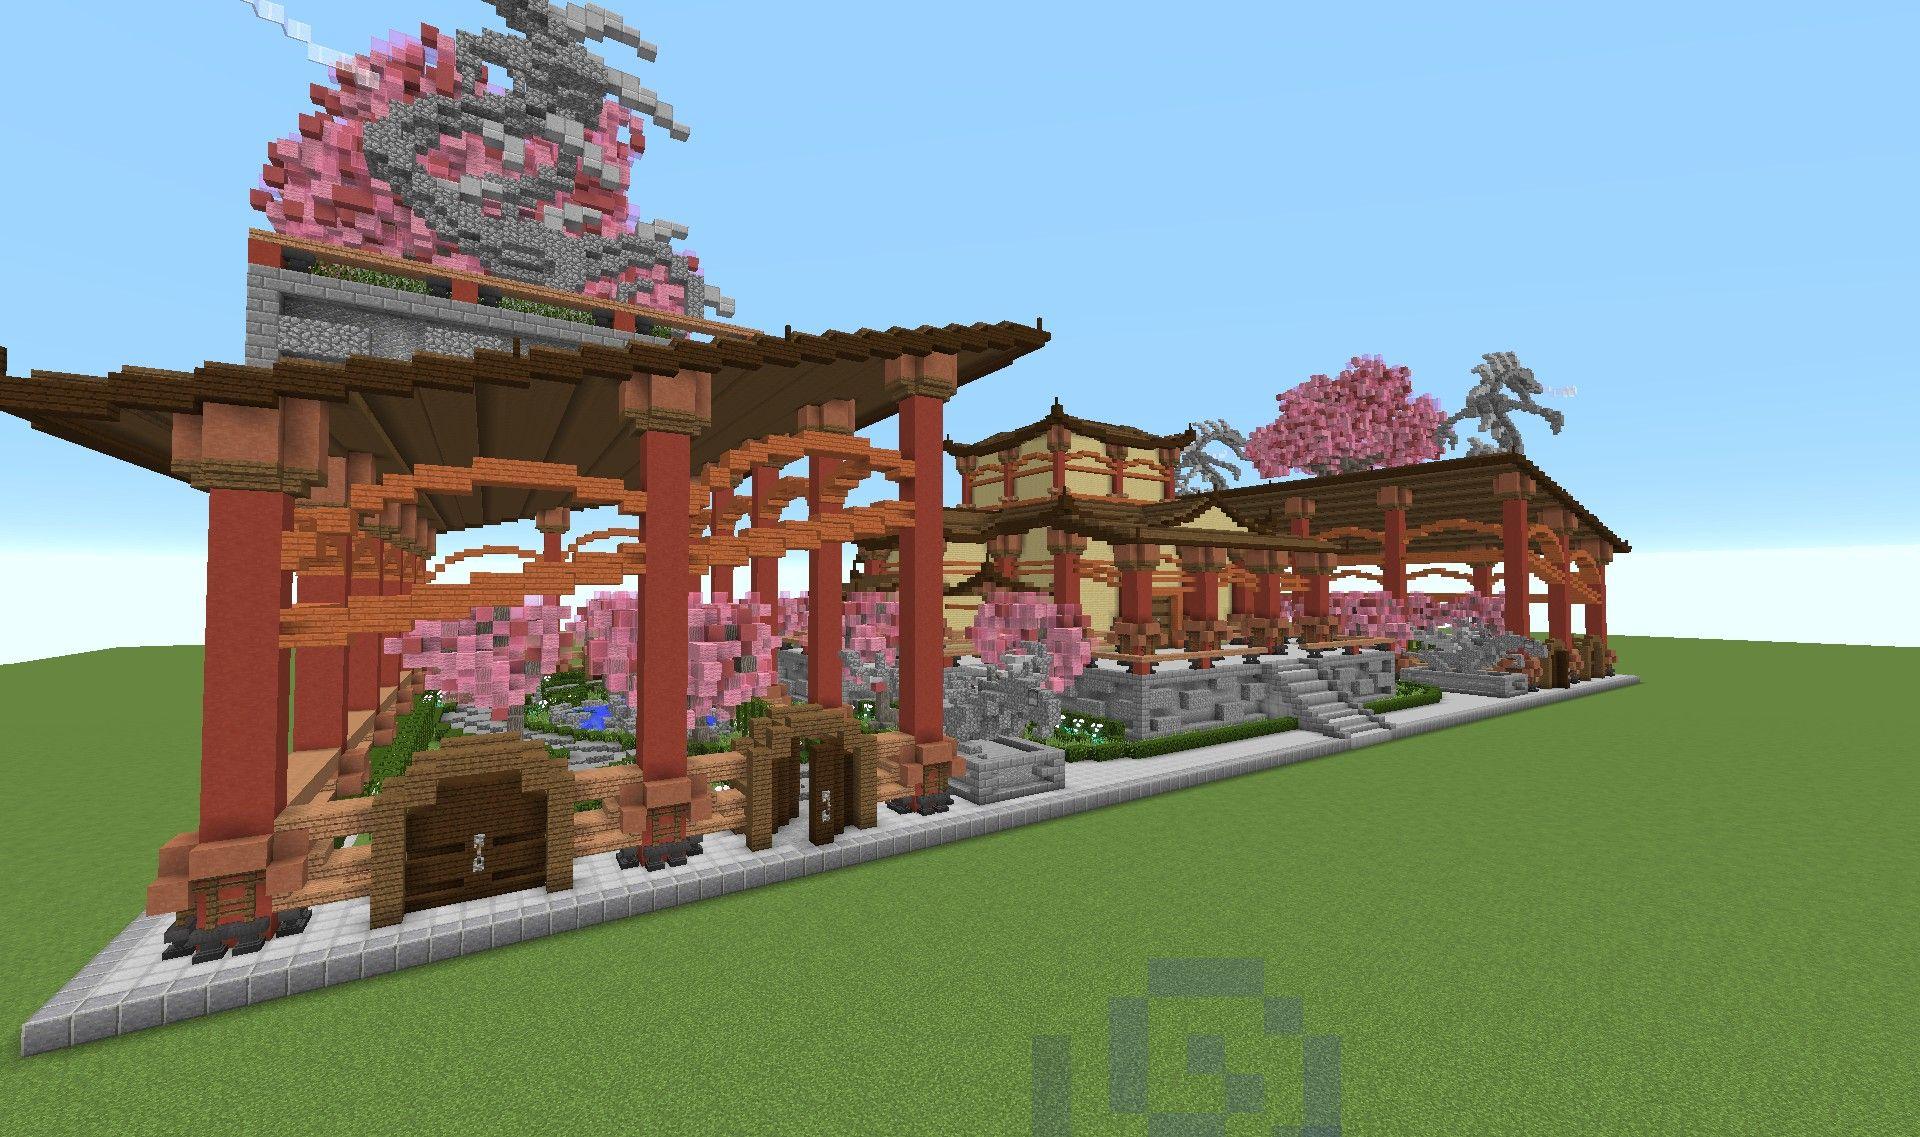 Chinesisches Haus Minecraft  Minecraft mansion, Minecraft